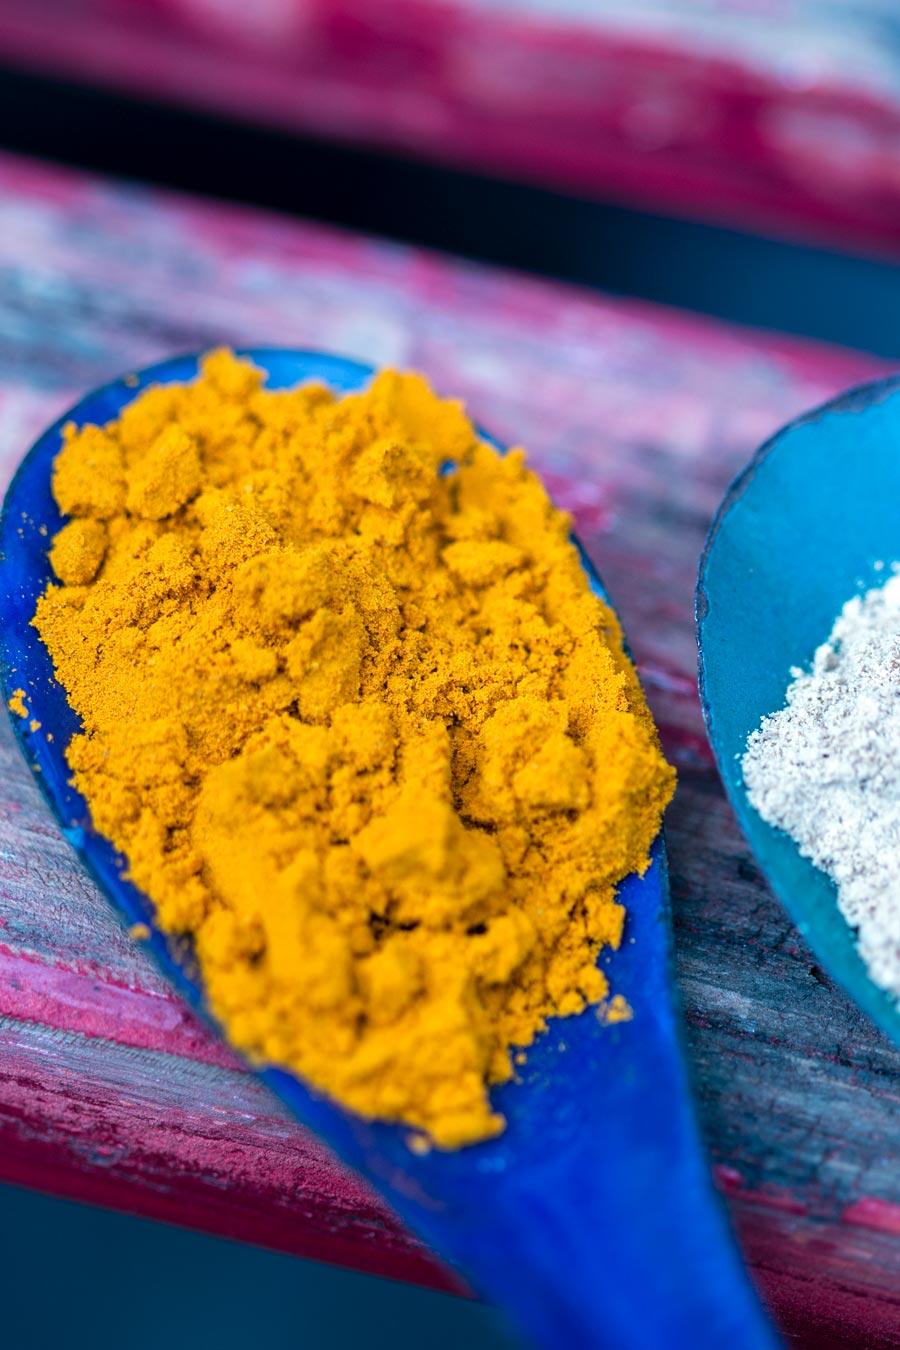 Curcuma en poudre très orange dans une cuillère bleue